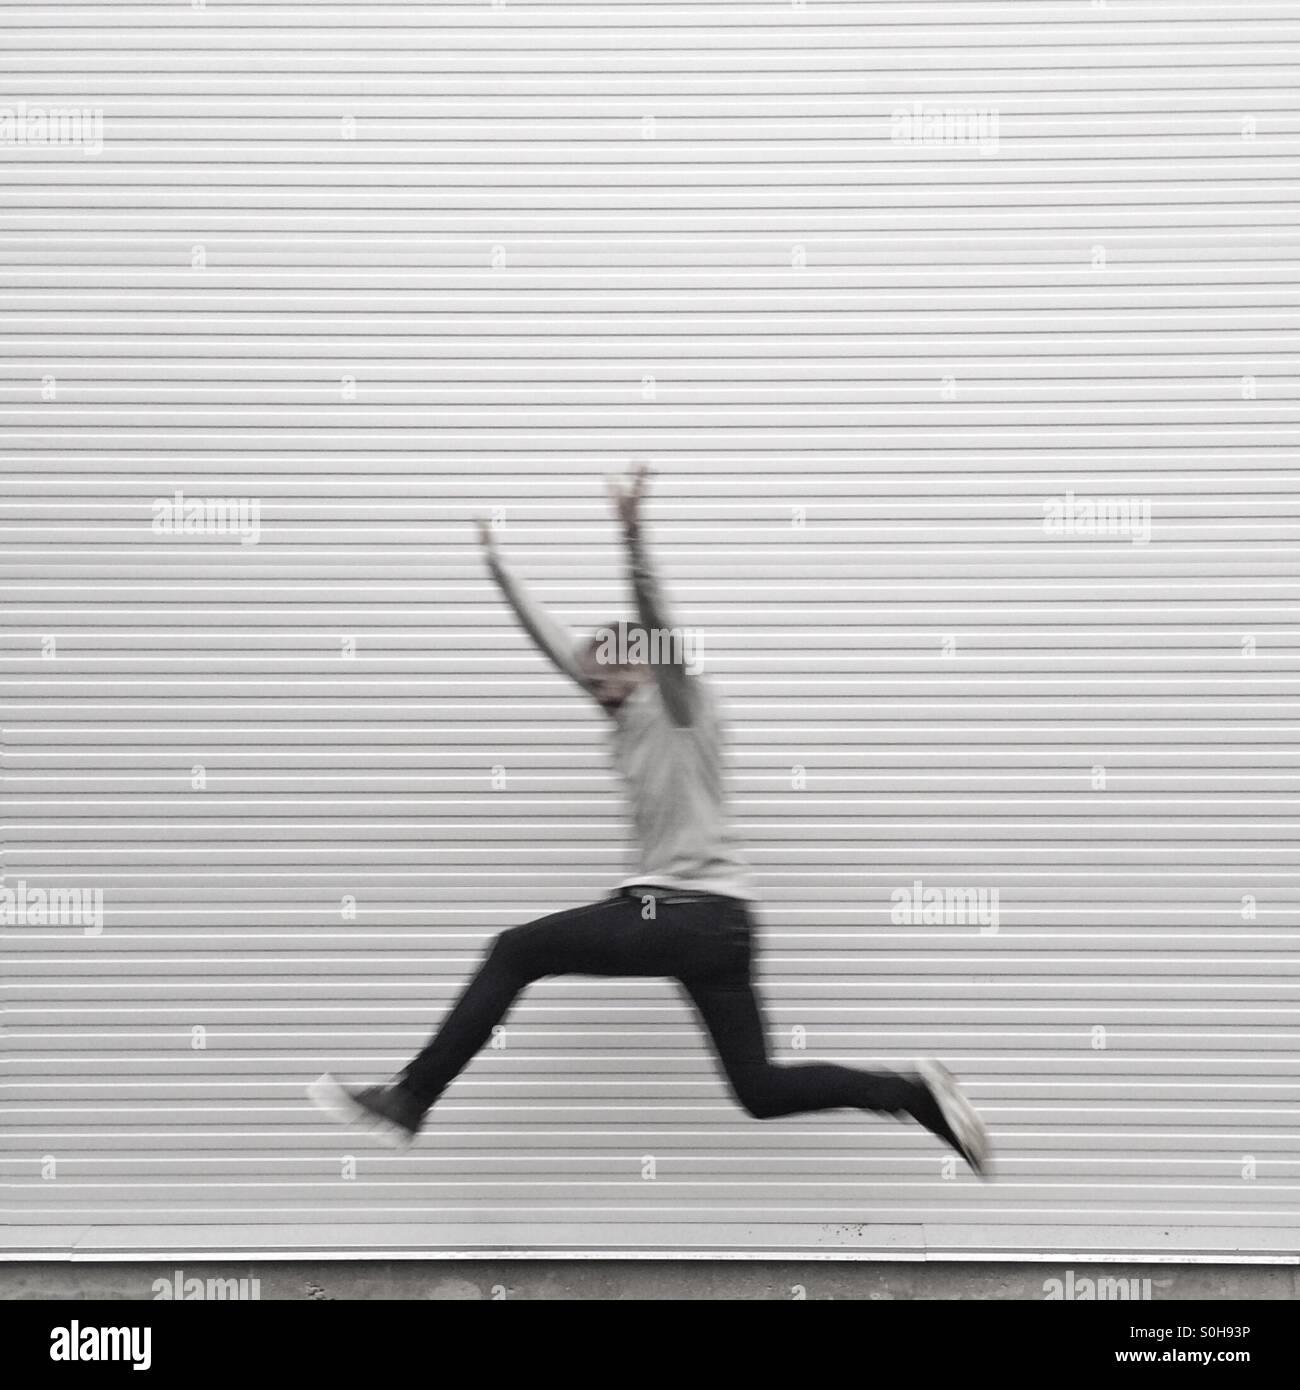 Nouveau record du monde Photo Stock